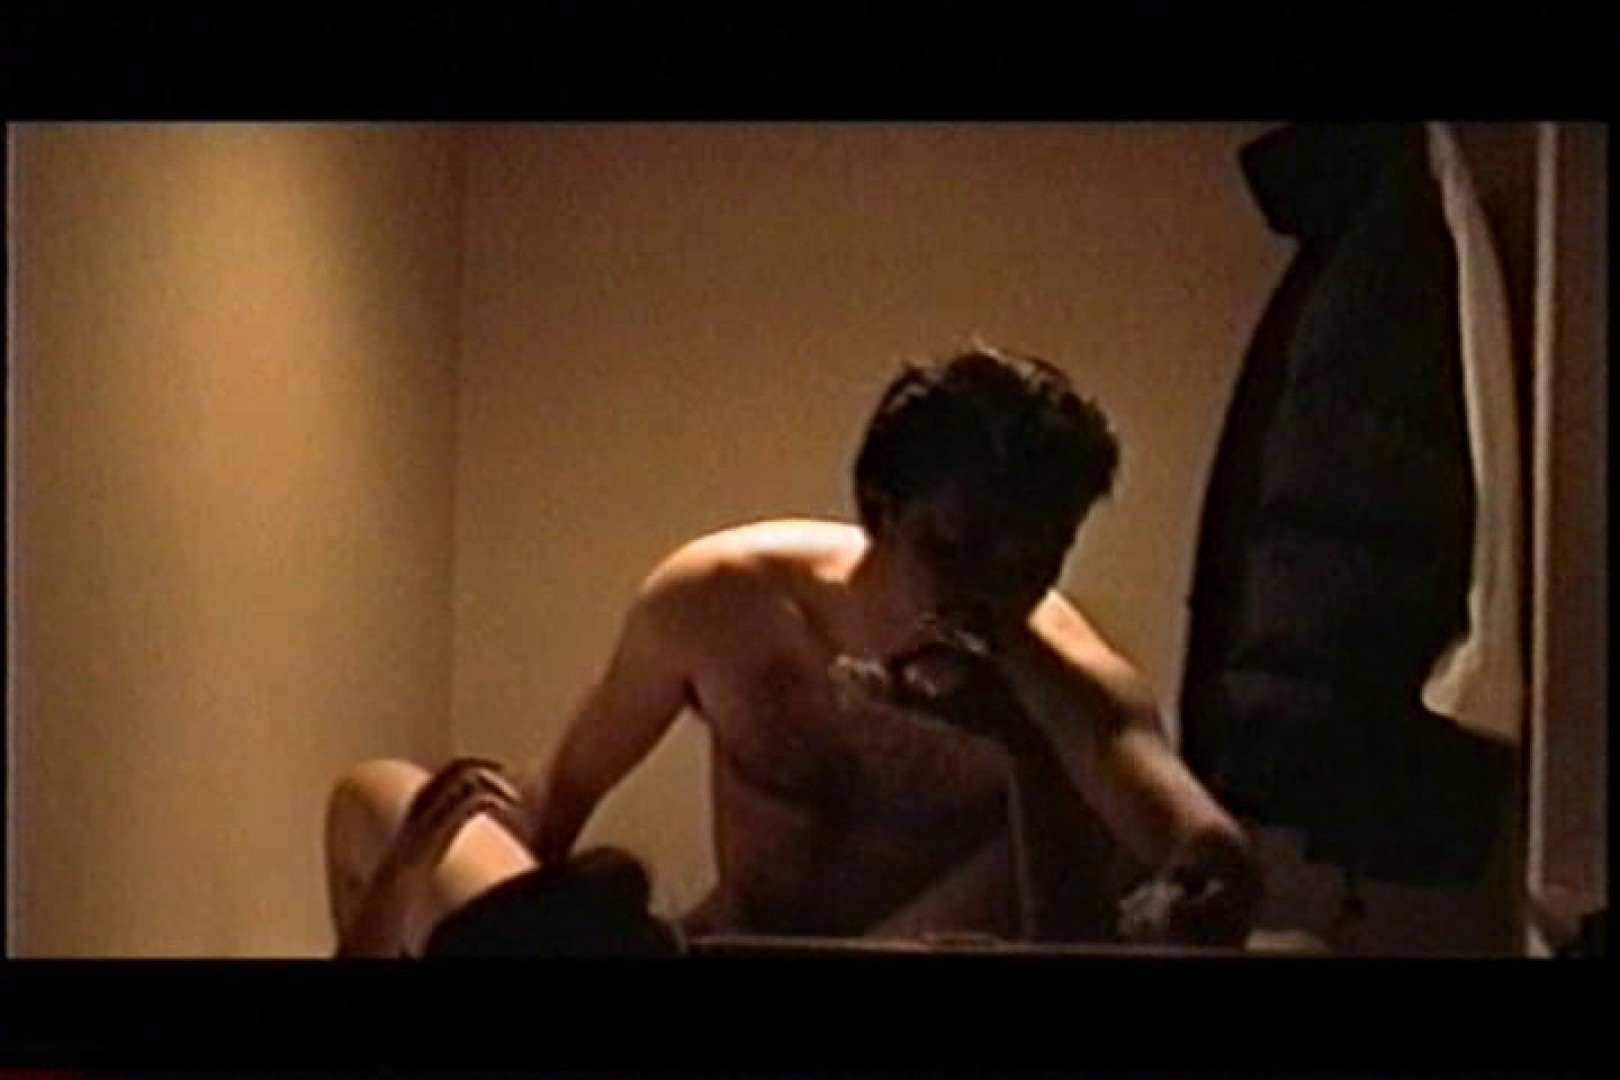 デリ嬢マル秘撮り本物投稿版② 乳首  60pic 58